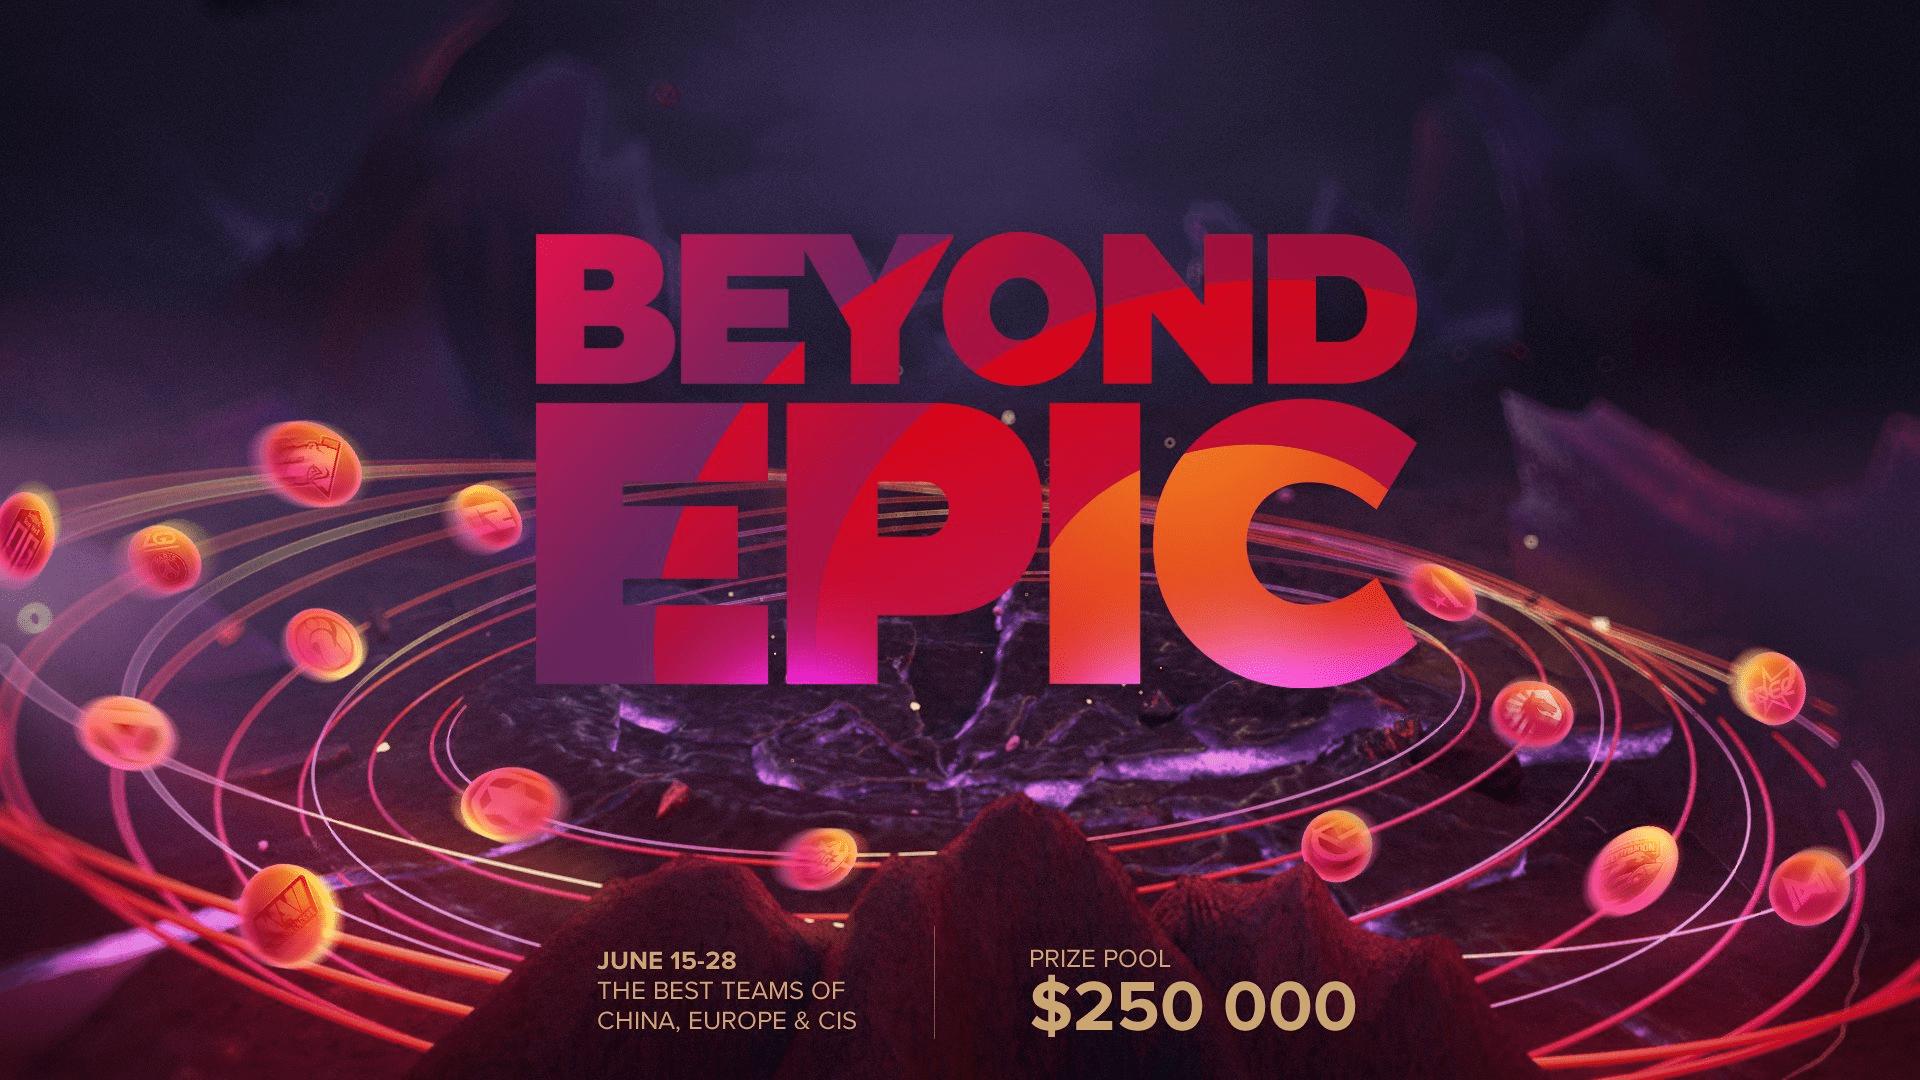 Организаторы BEYOND EPIC будут сотрудничать с YouTubeблогерами